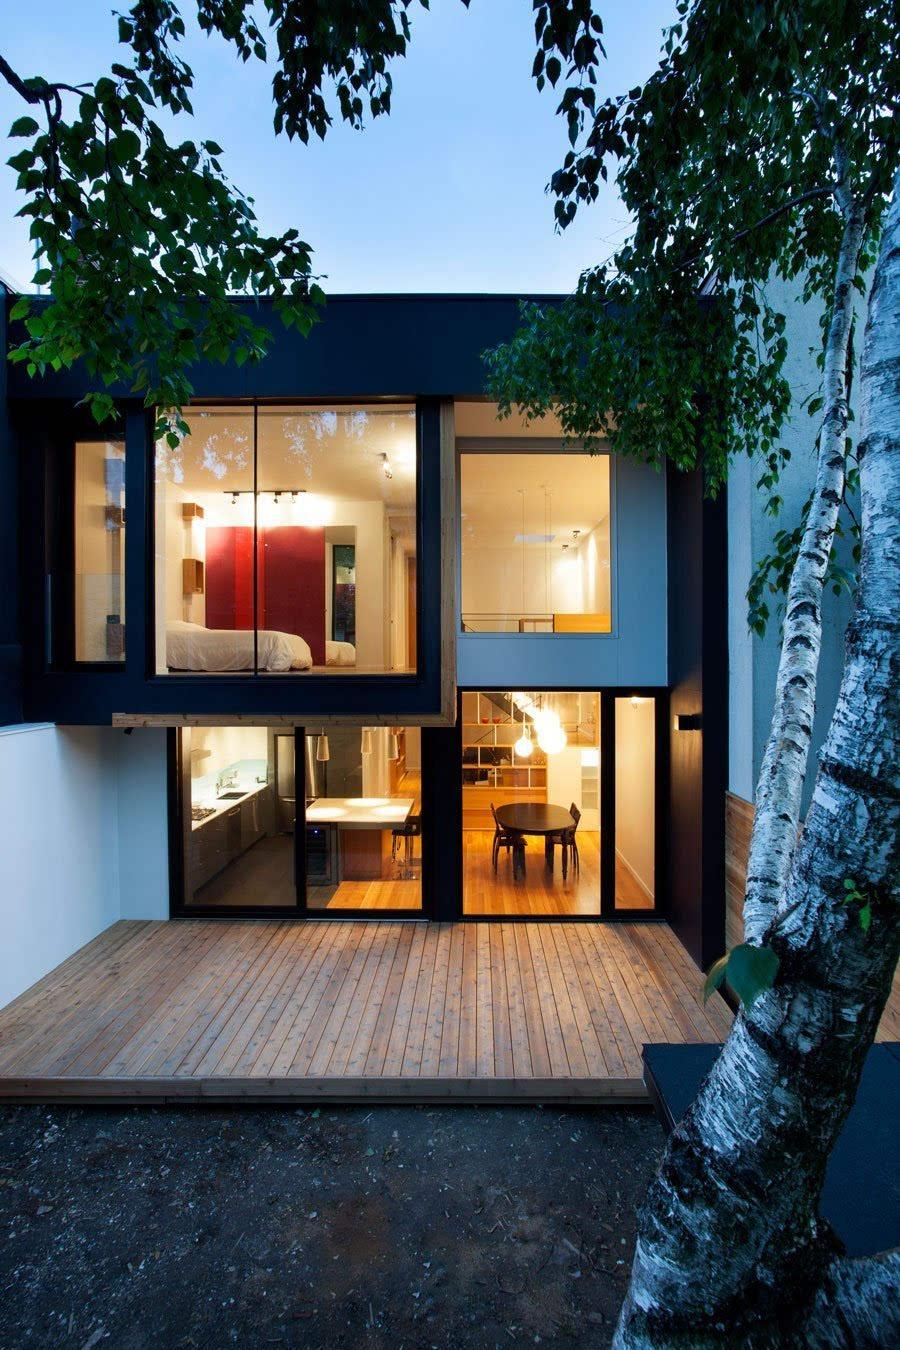 二层别墅图片大全 旧房子的新软装设计